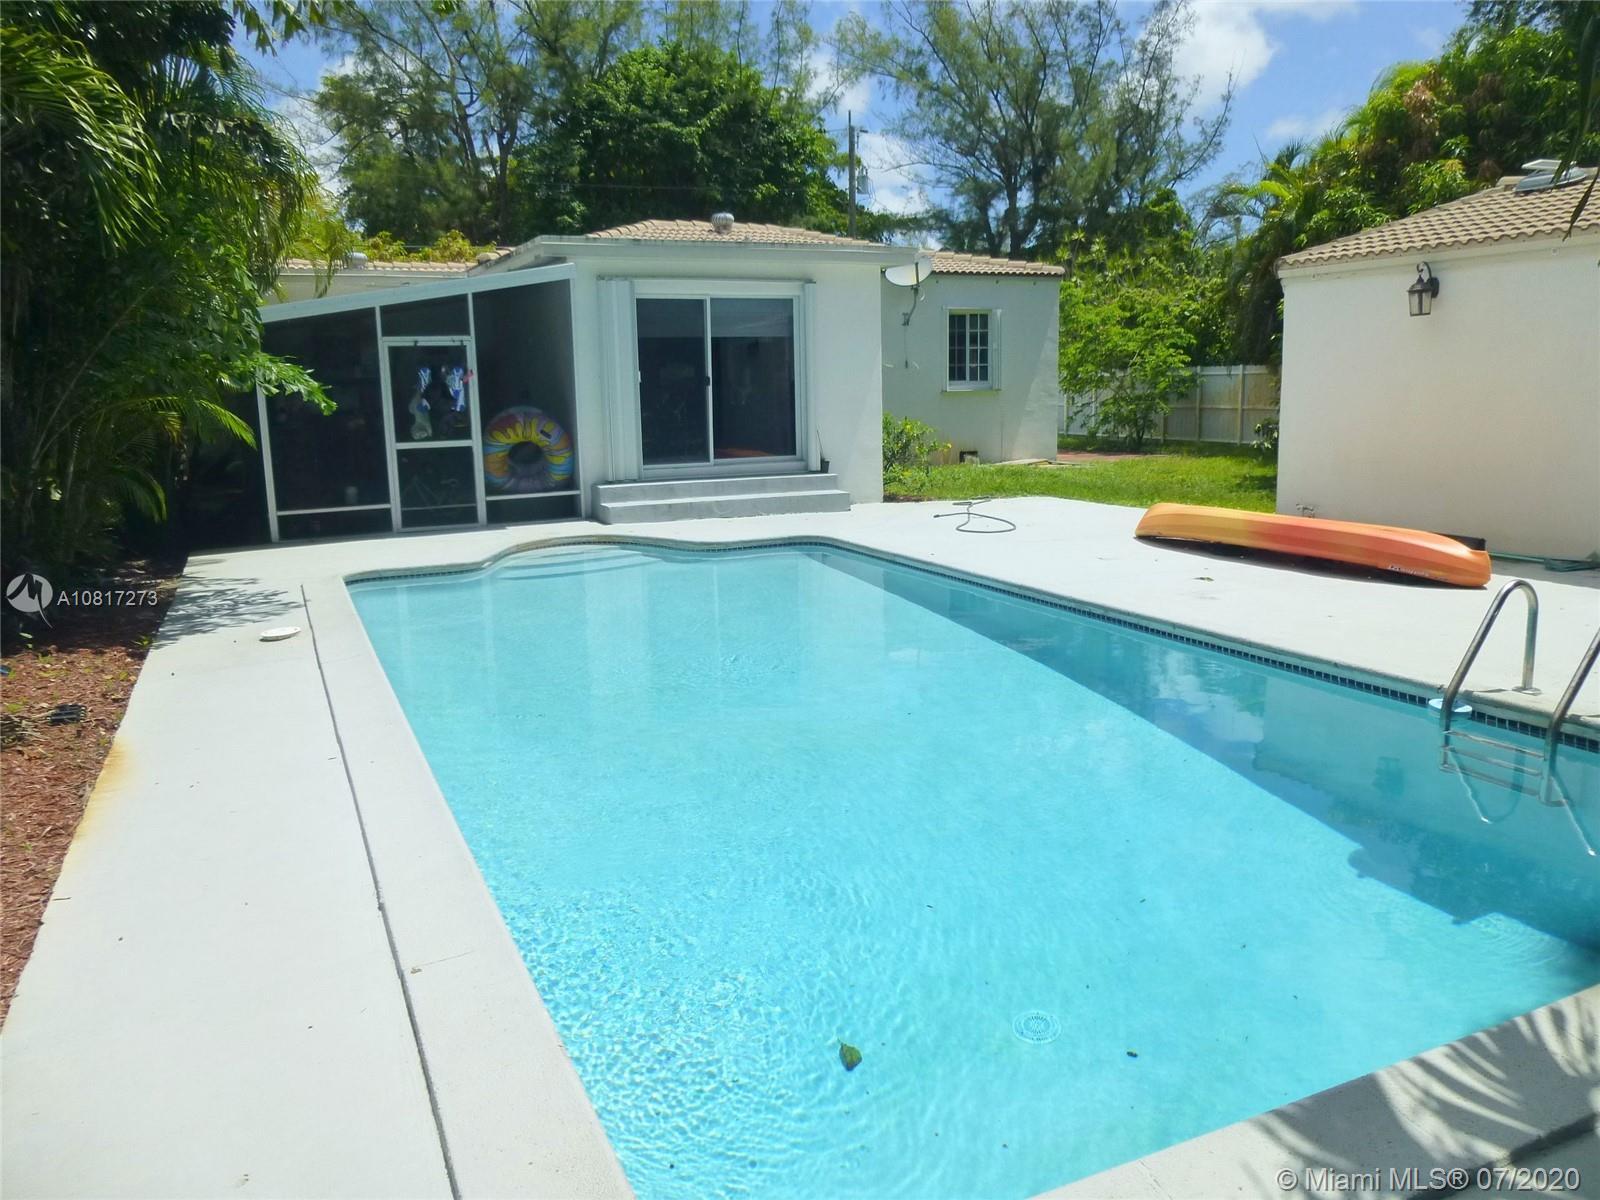 710 NE 121st St, Biscayne Park, FL 33161 - Biscayne Park, FL real estate listing